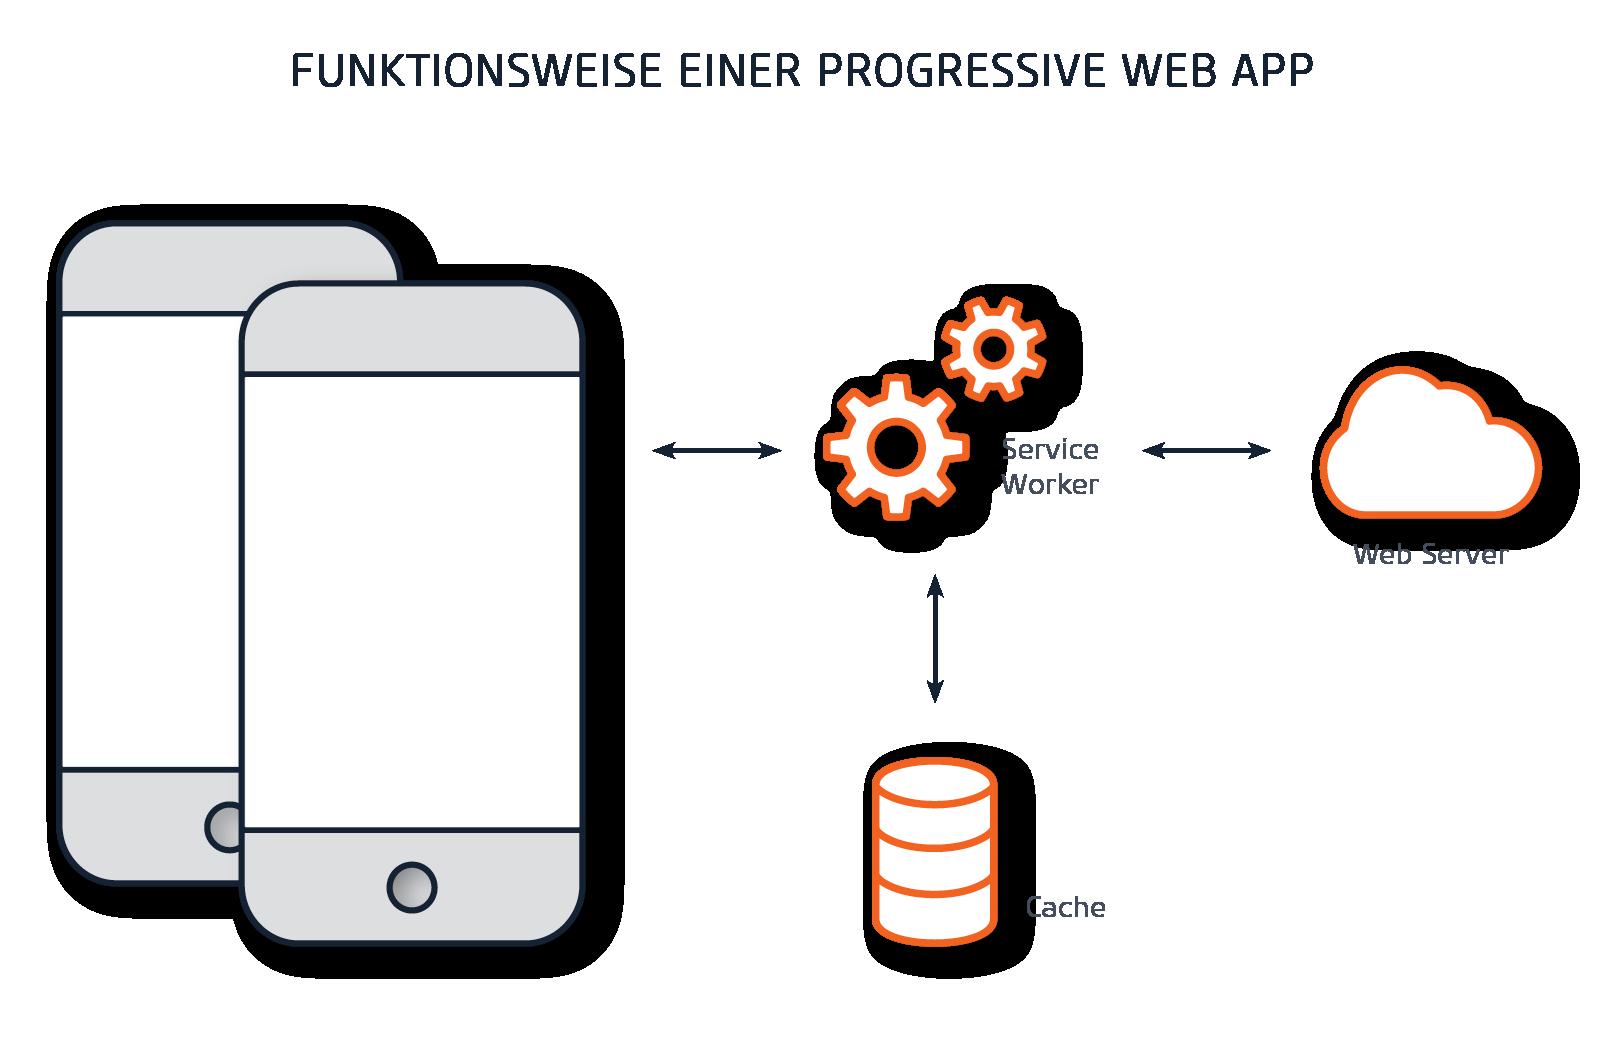 Progressive Web App Funktionsweise